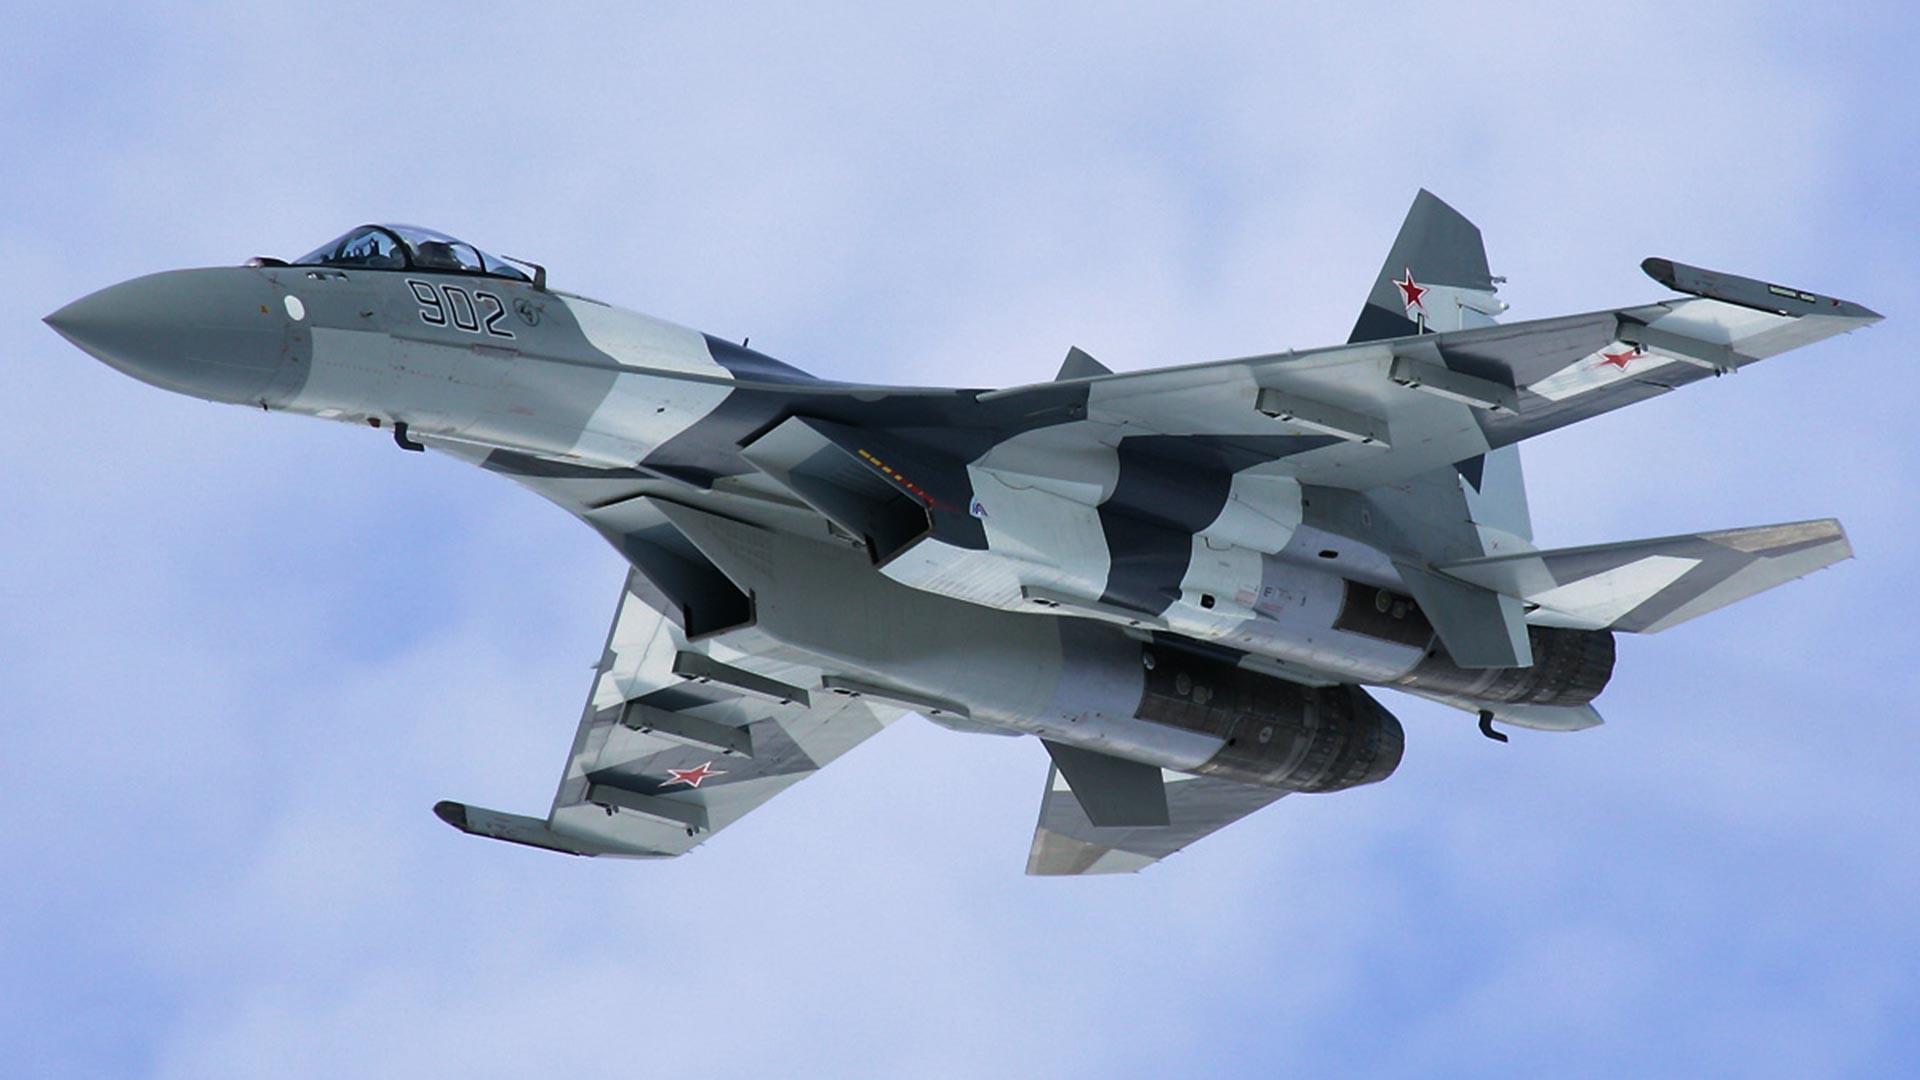 第4++世代ジェット戦闘機Su-35